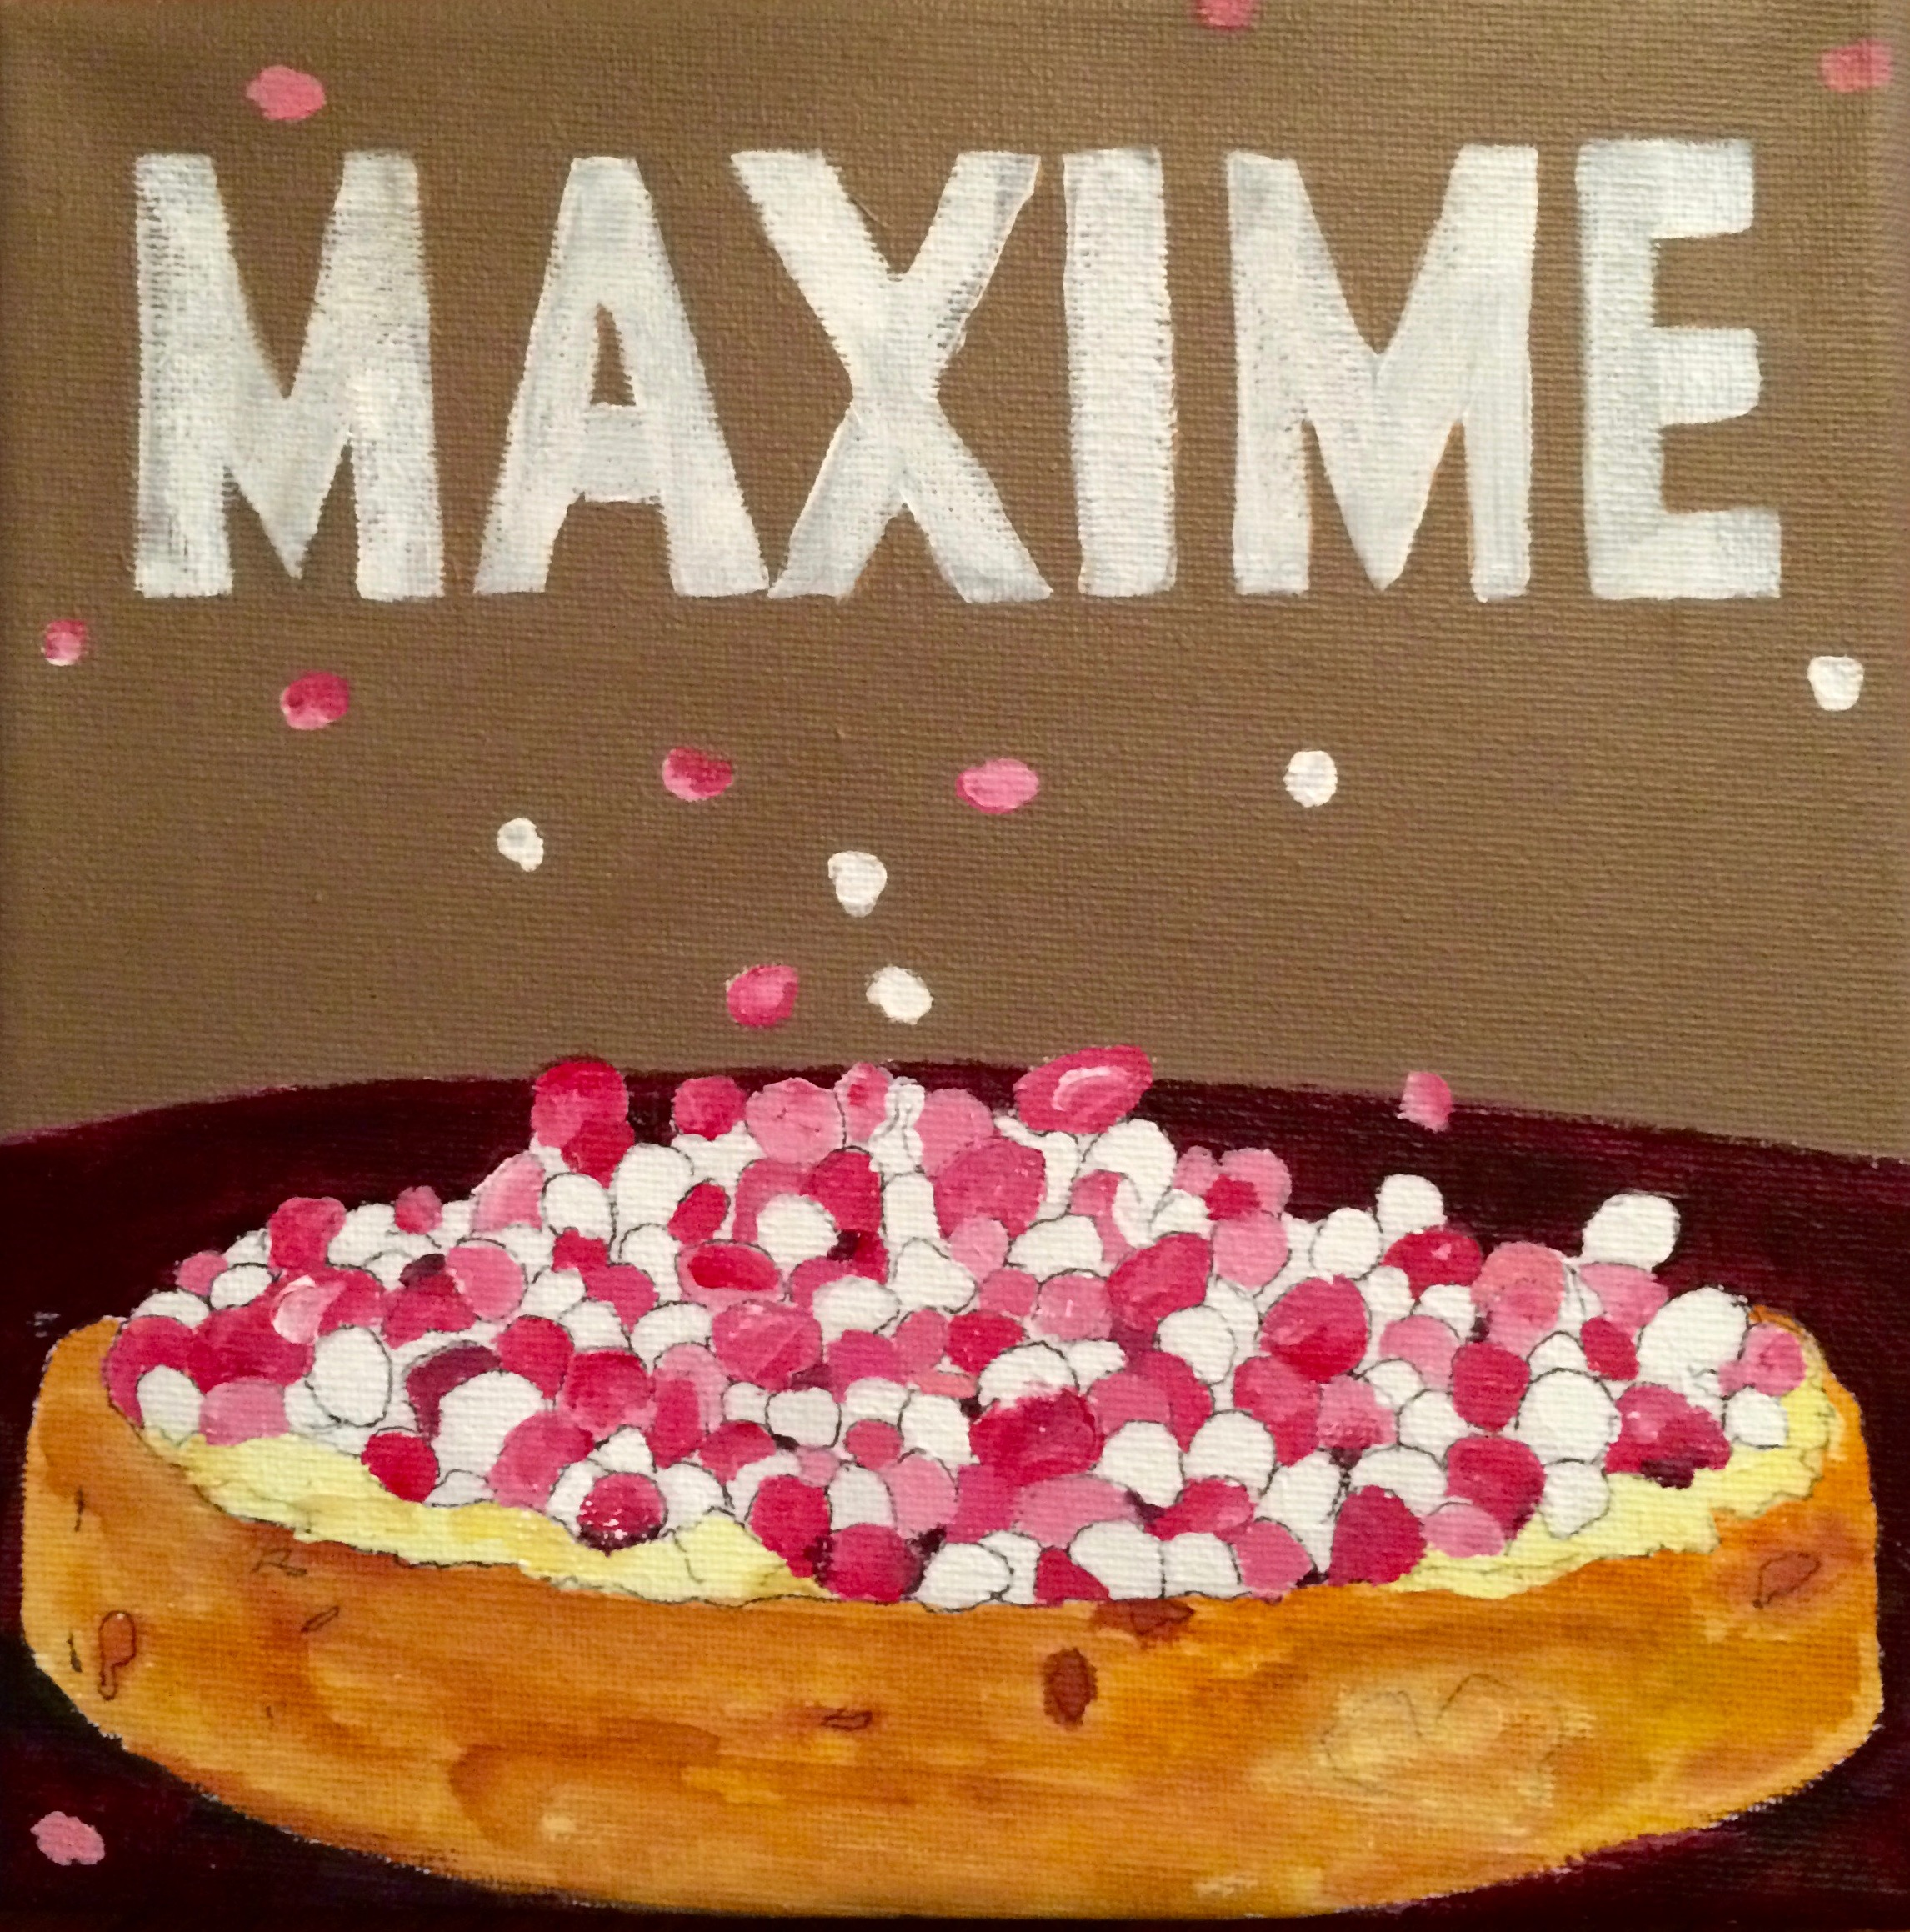 Maxime is geboren